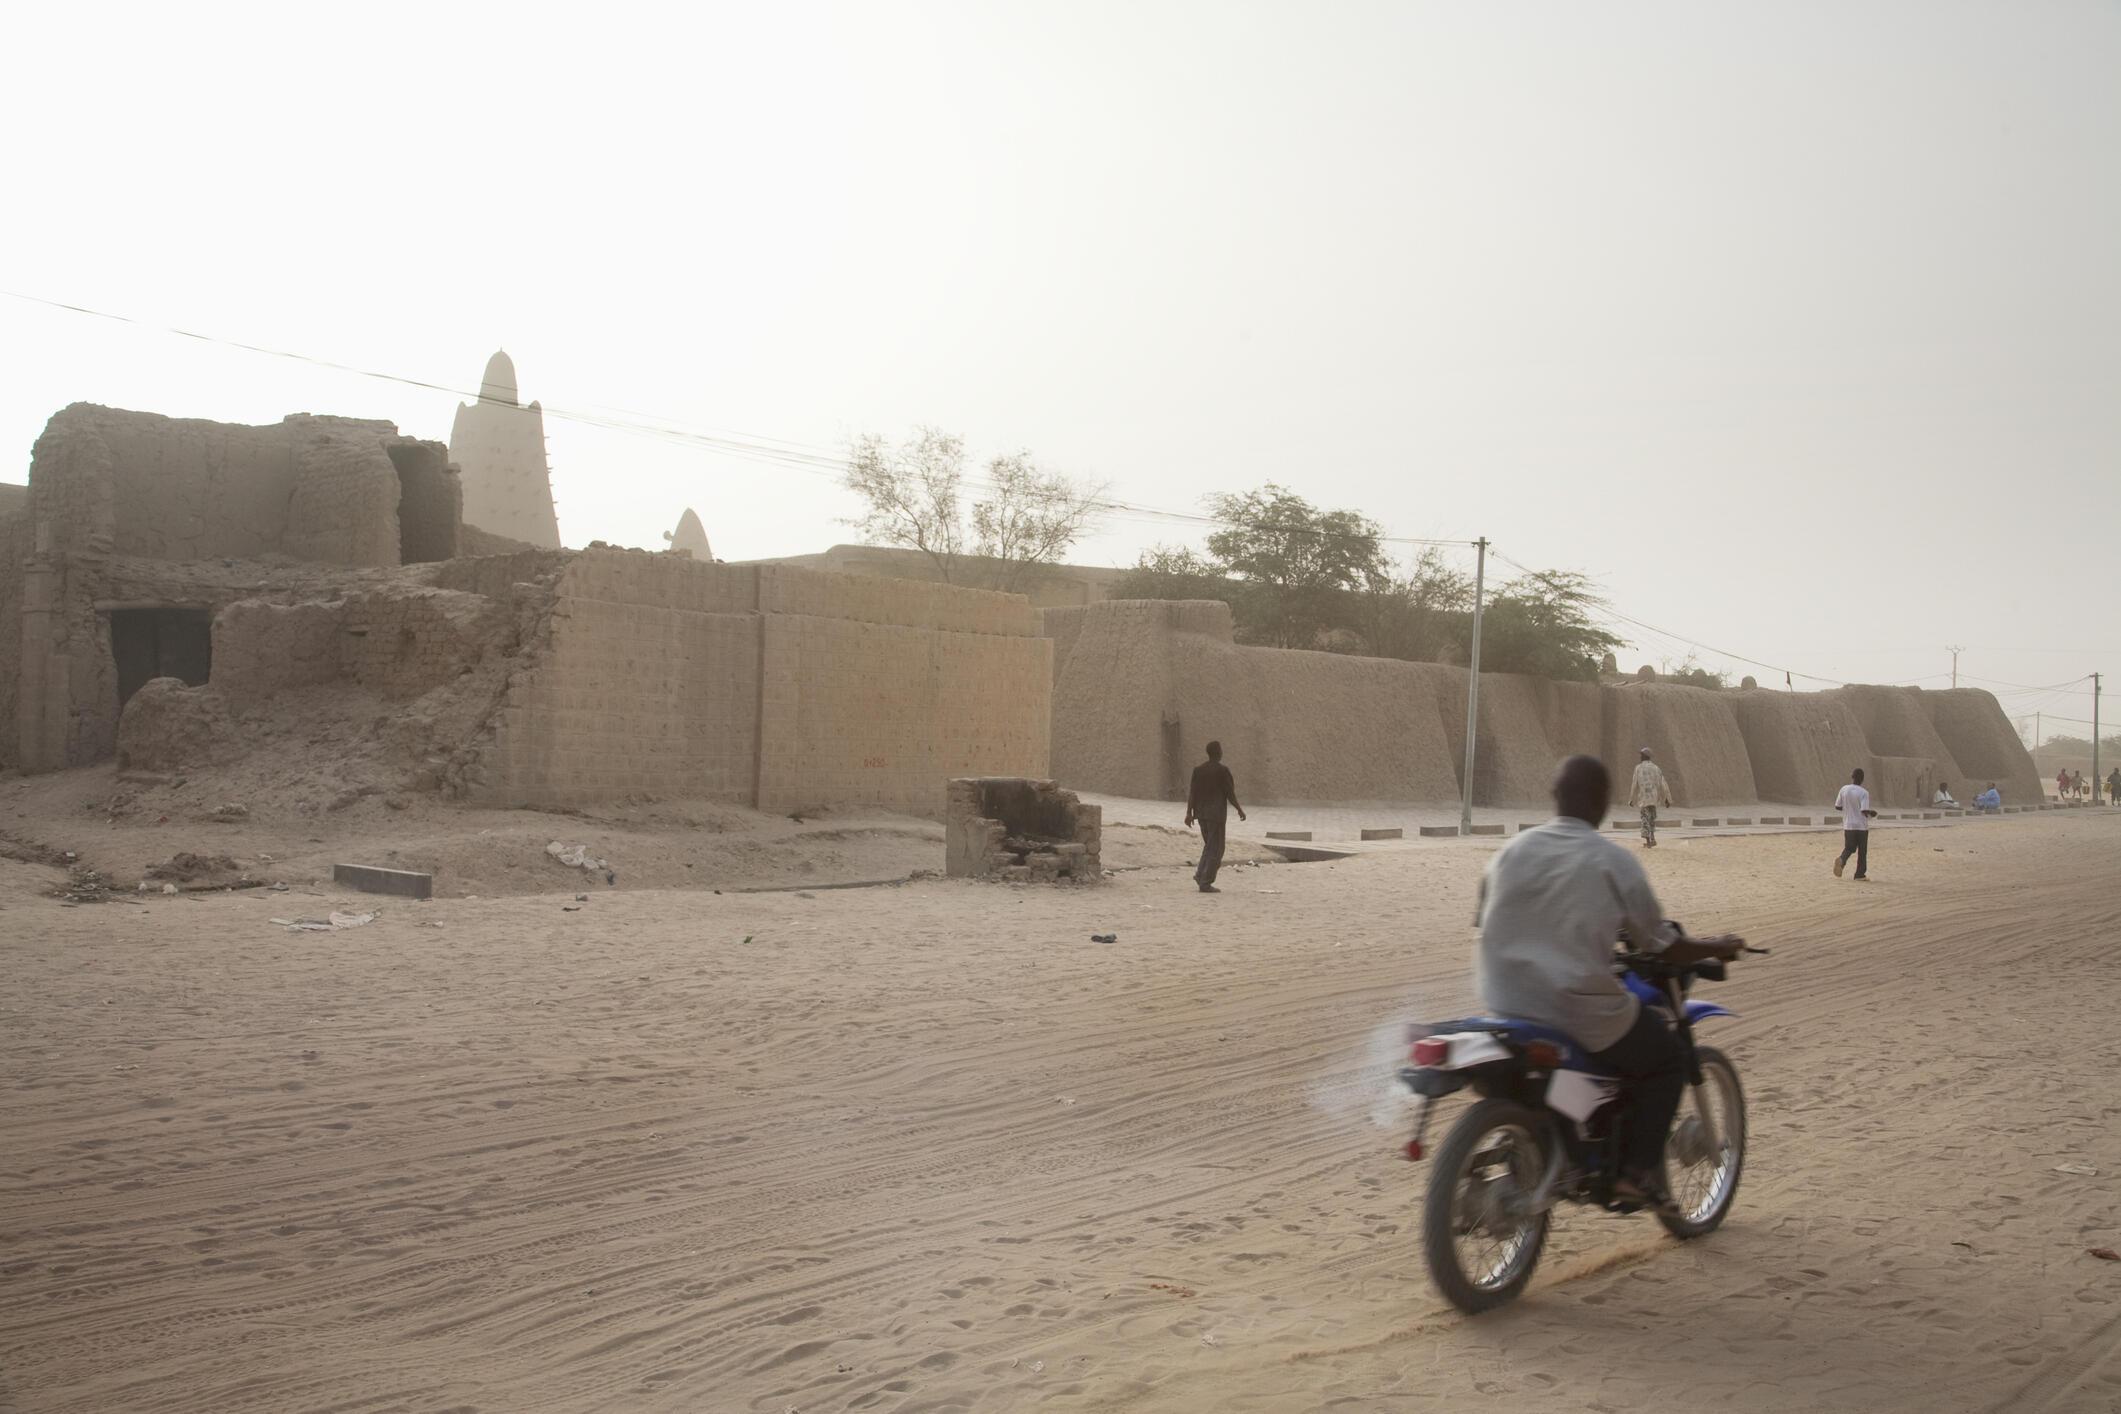 Vue de Tombouctou, au Mali. Face à l'insécurité, le pays a du mal à vivre du tourisme. (Photo de l'illustration)